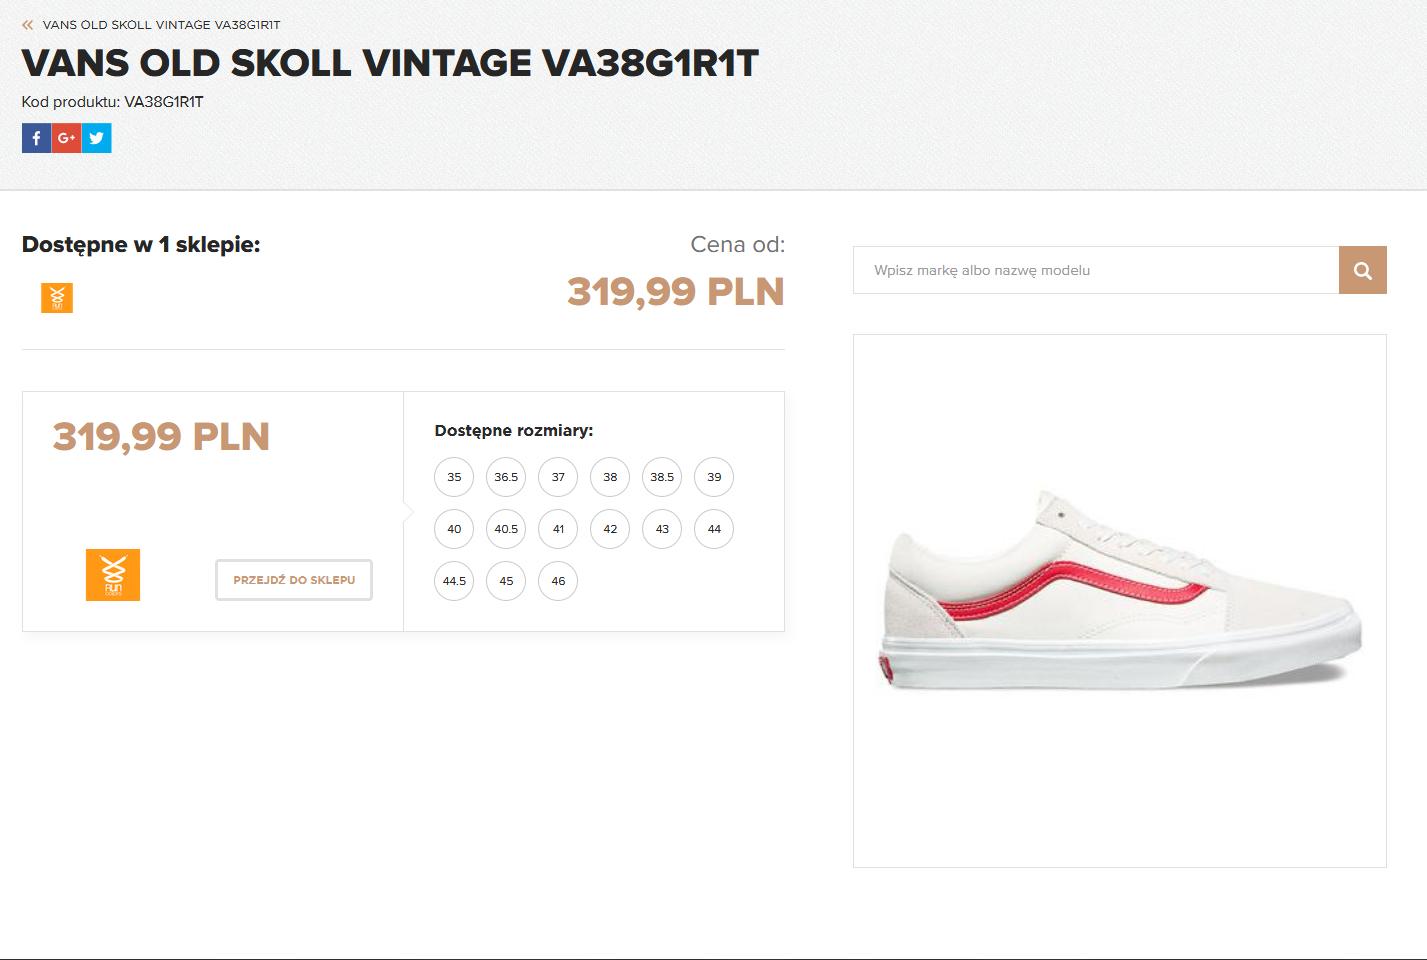 f16ca4c0f179b Skoro mowa o Sneakersach to przeglądając tą stronę uświadomiłam sobie, że  właśnie ich mi brakuje. Wybrałam model Vans Old Skoll Vintage – białe buty z  ...